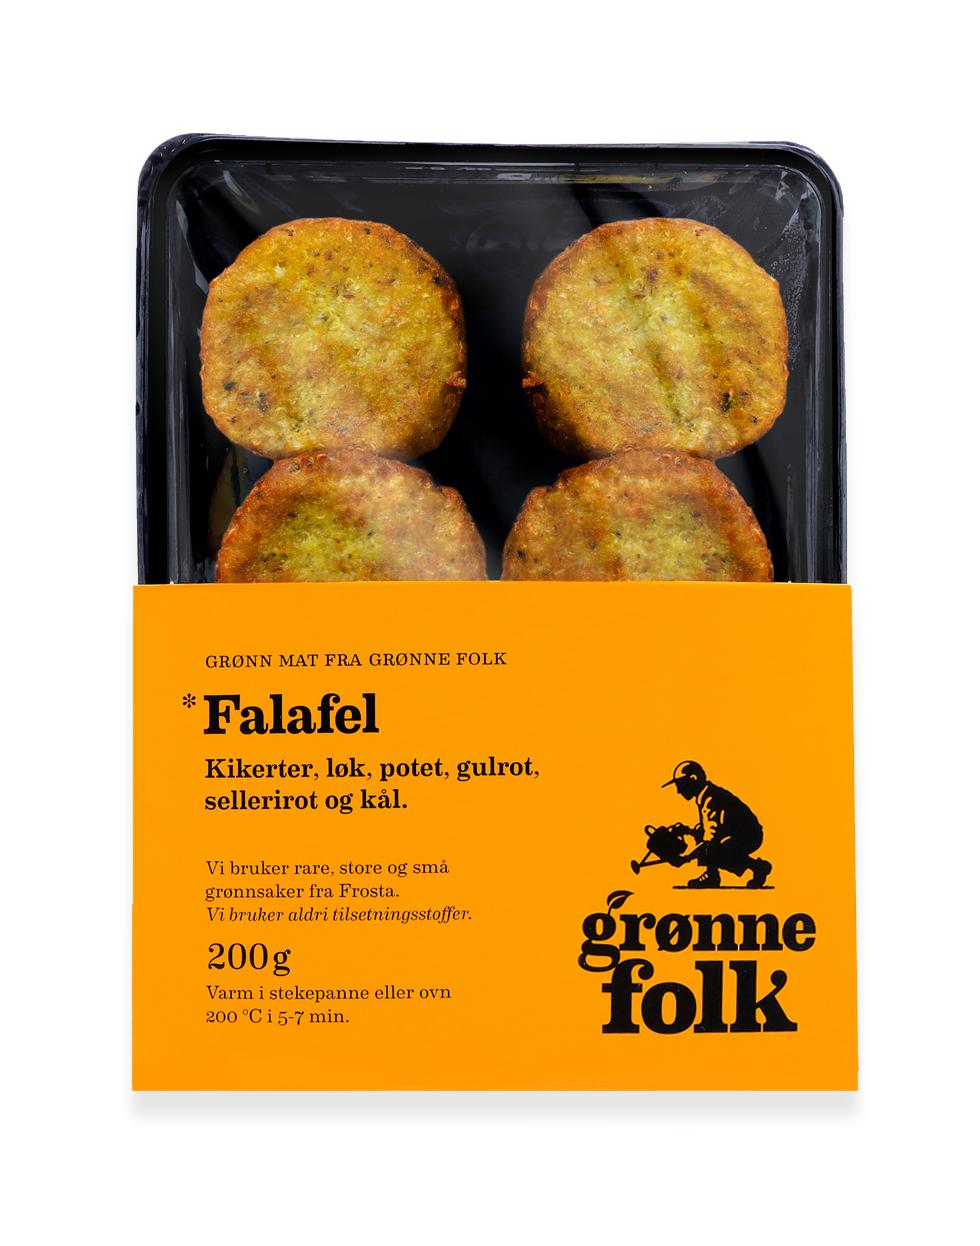 Grønne Folk: Falafel